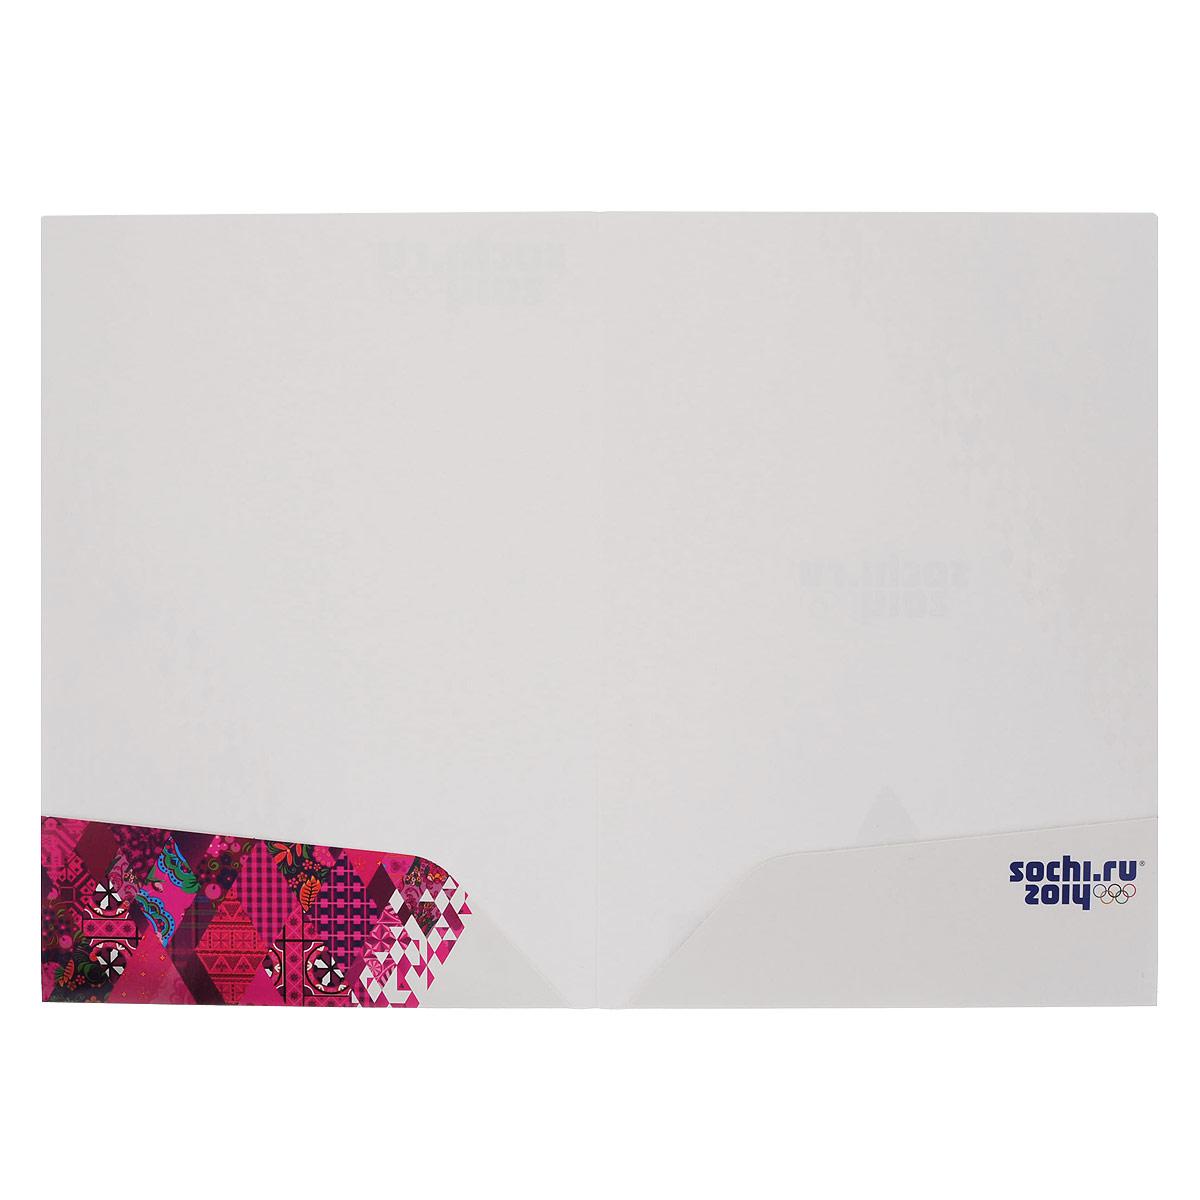 """Папка для документов Hatber """"Сочи-2014: Образ игр"""", с карманами, цвет: белый, розовый. Формат А4"""